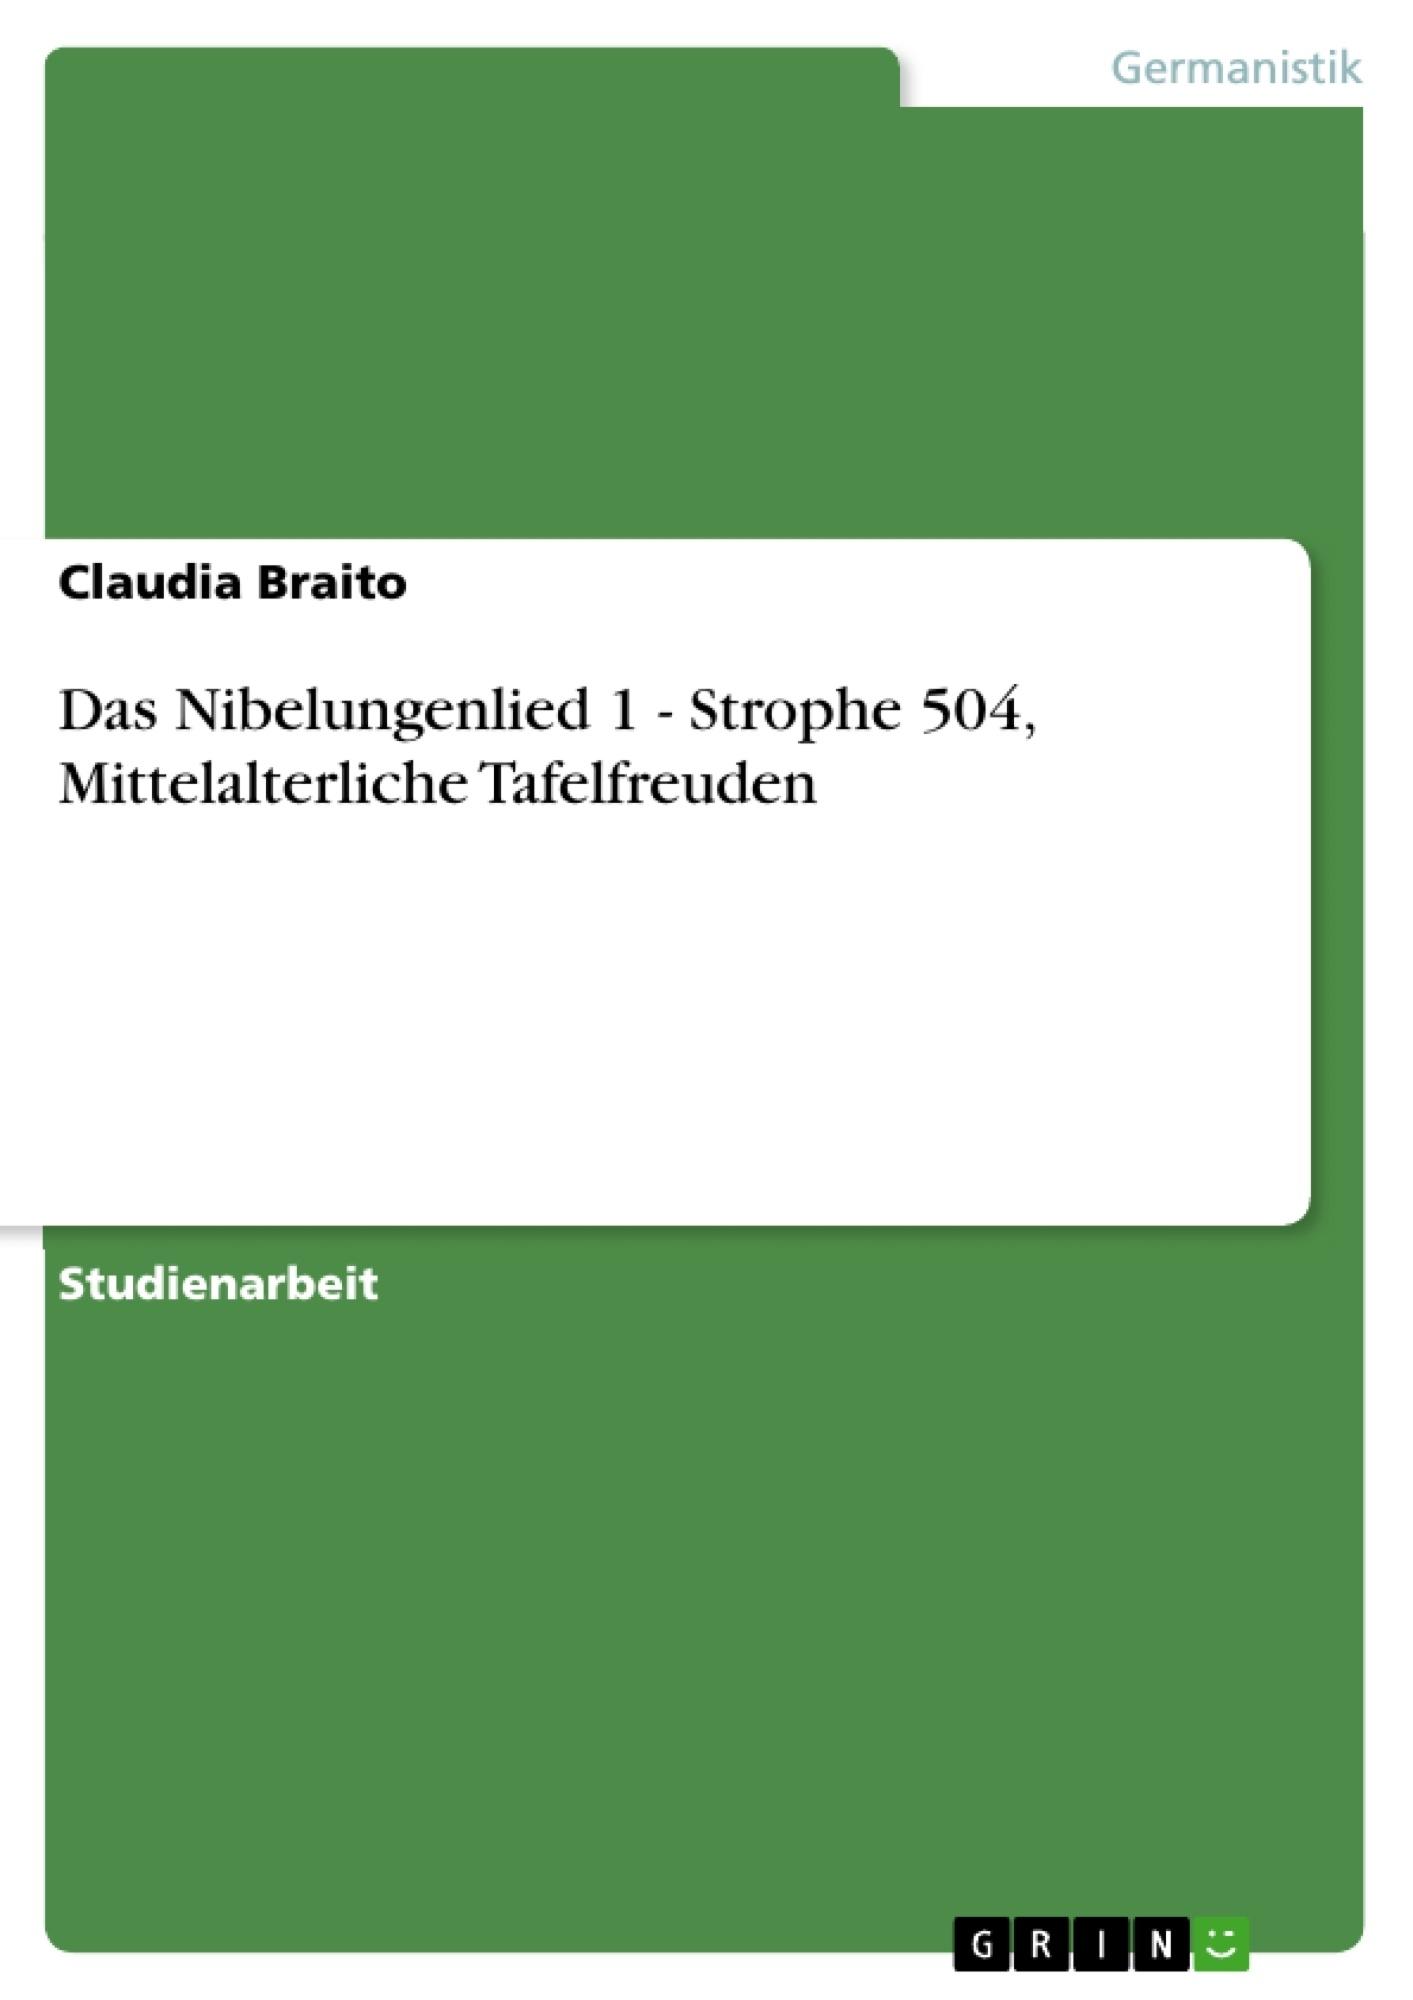 Titel: Das Nibelungenlied 1 - Strophe 504, Mittelalterliche Tafelfreuden